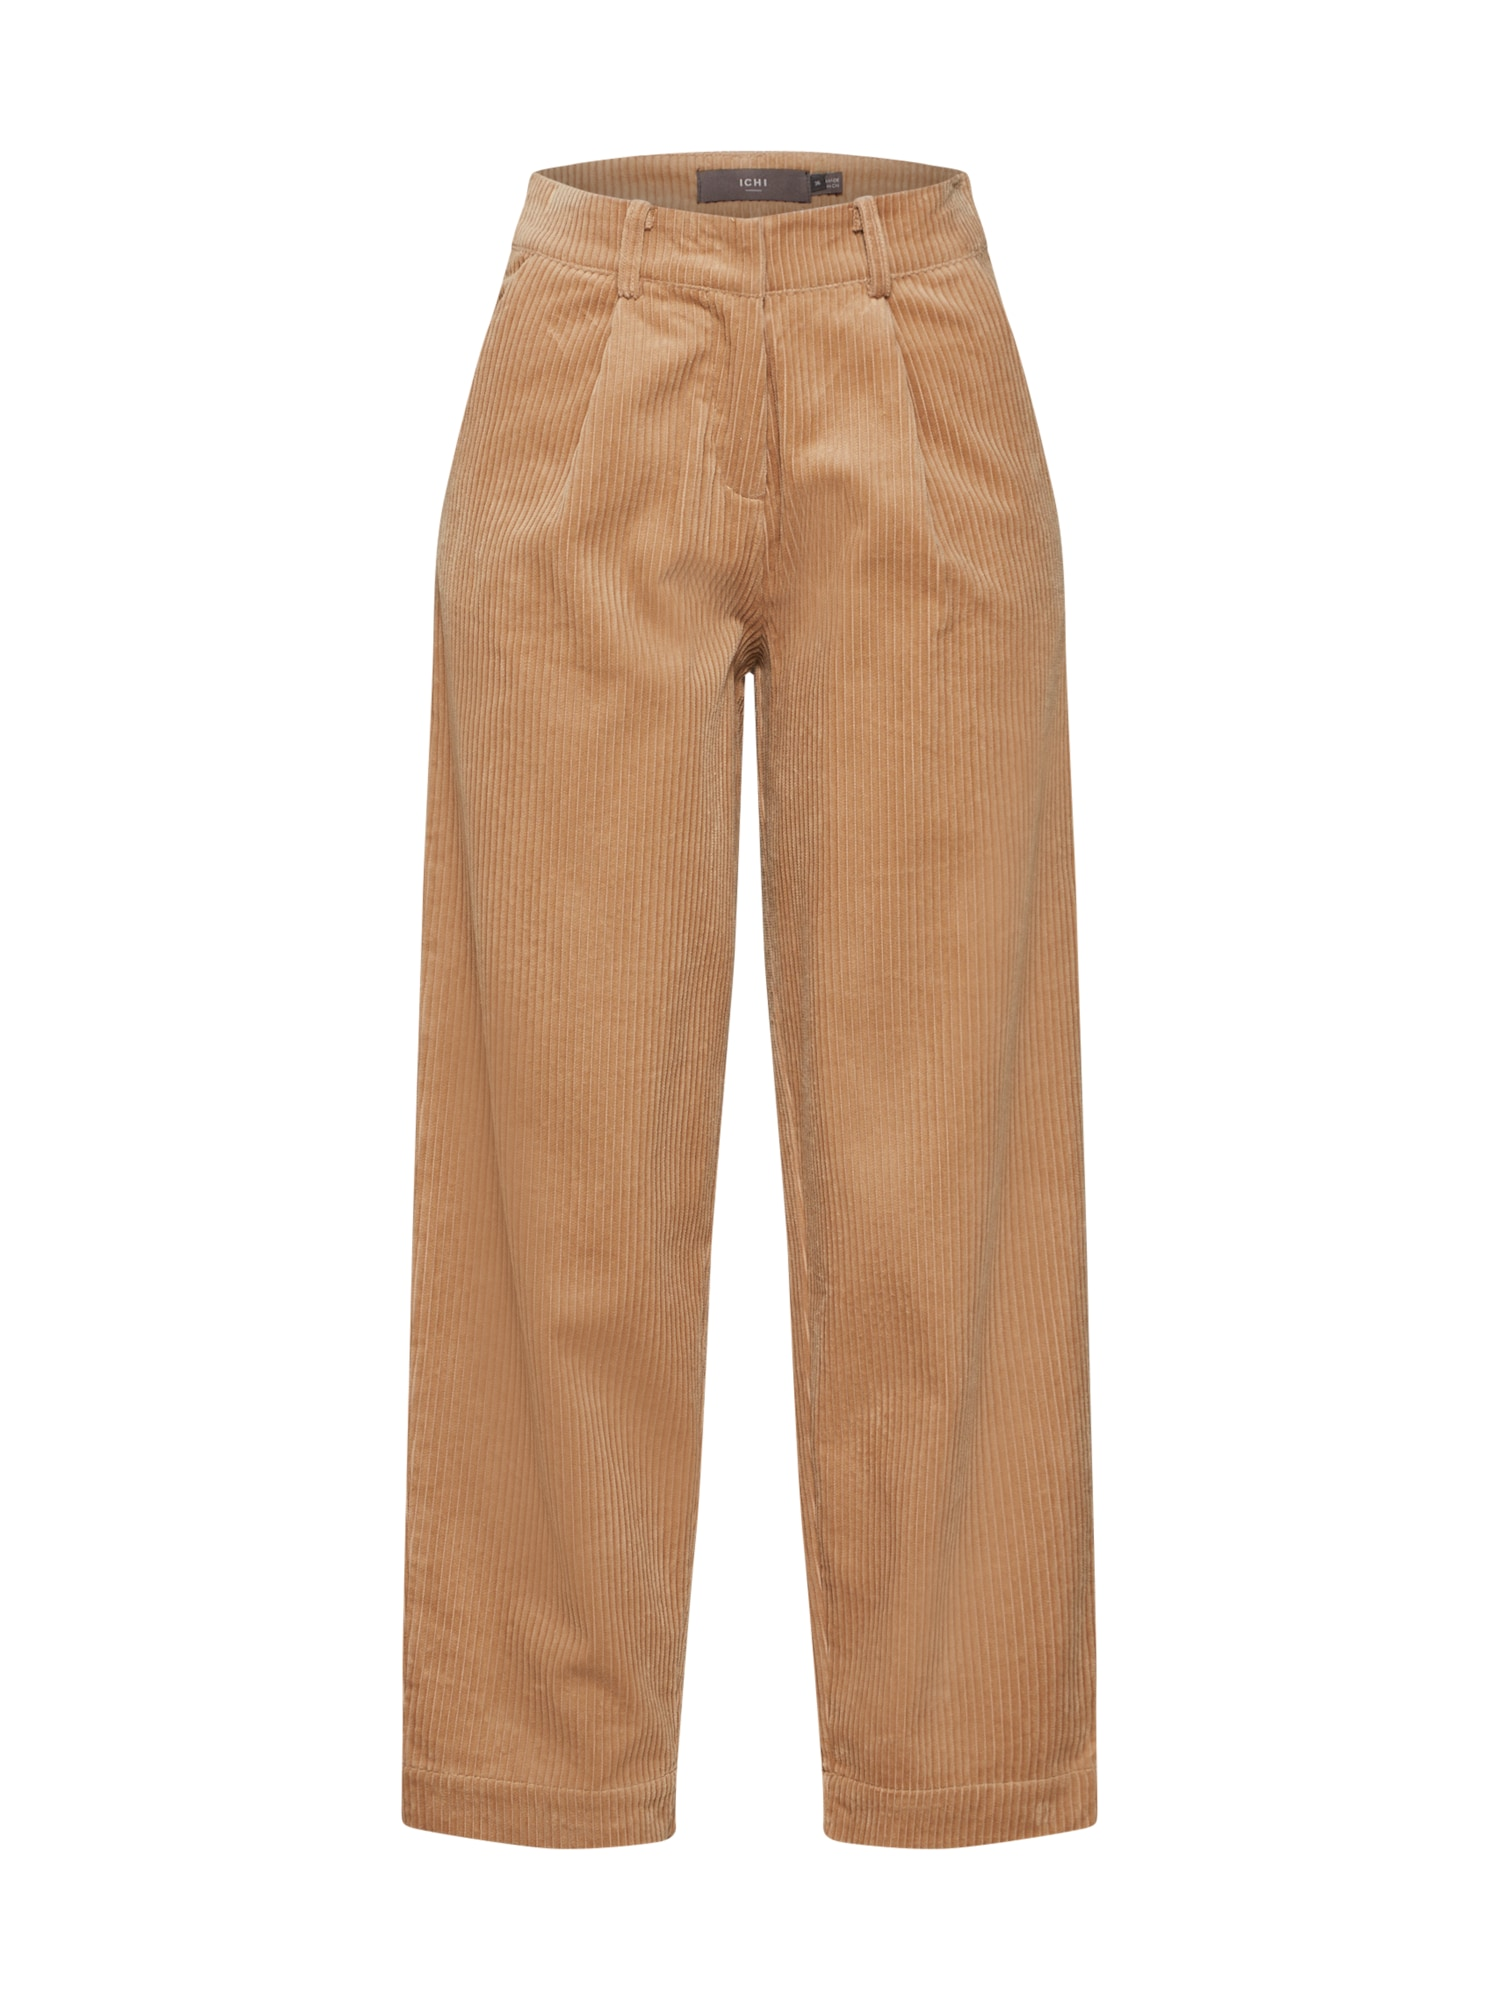 Kalhoty Ixnella PA hnědá ICHI